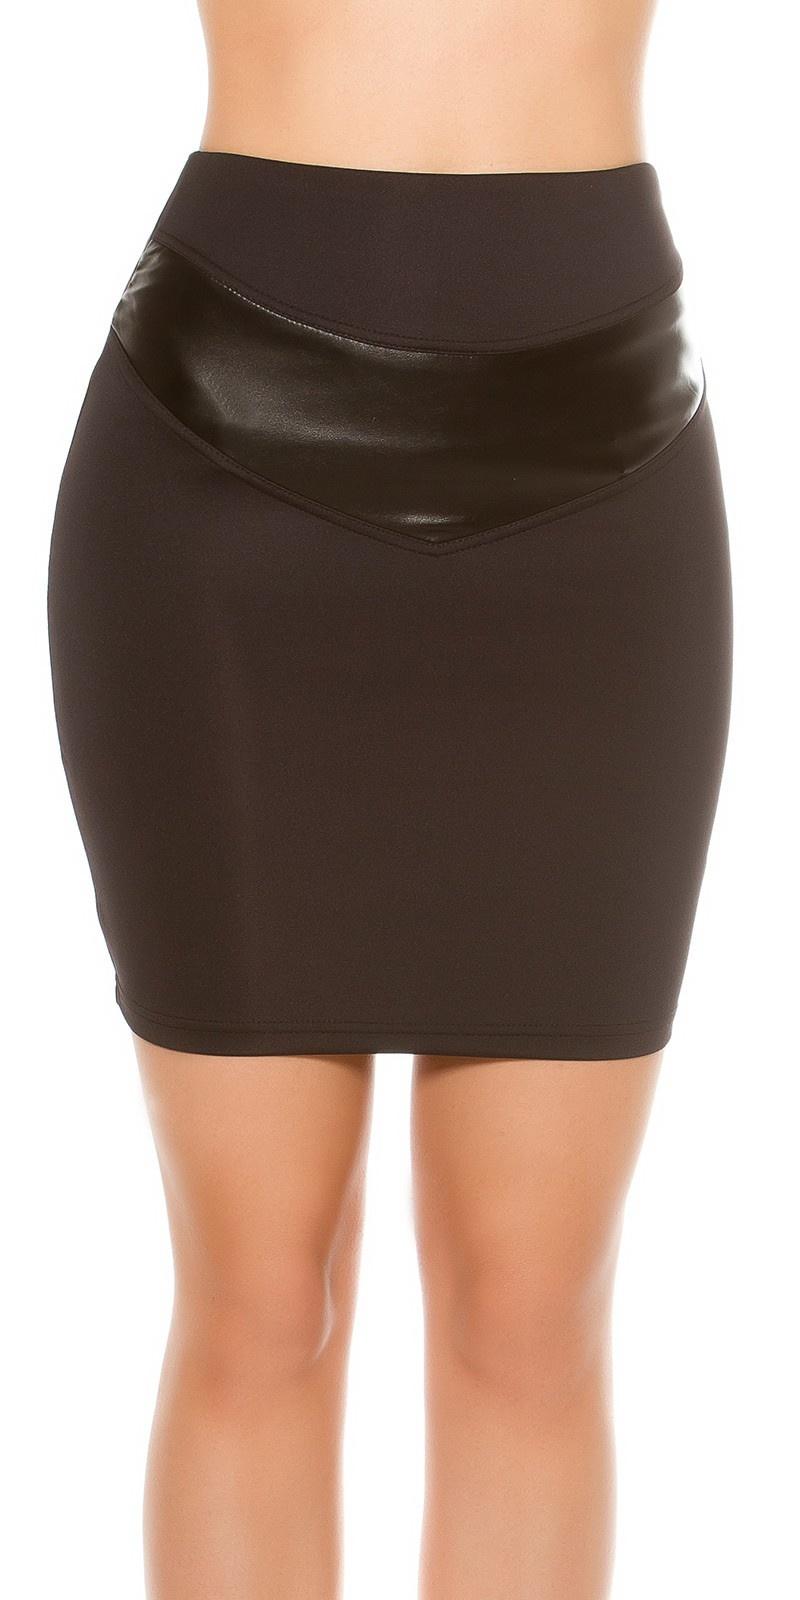 Sexy Waist Mini Skirt Leatherlook Black